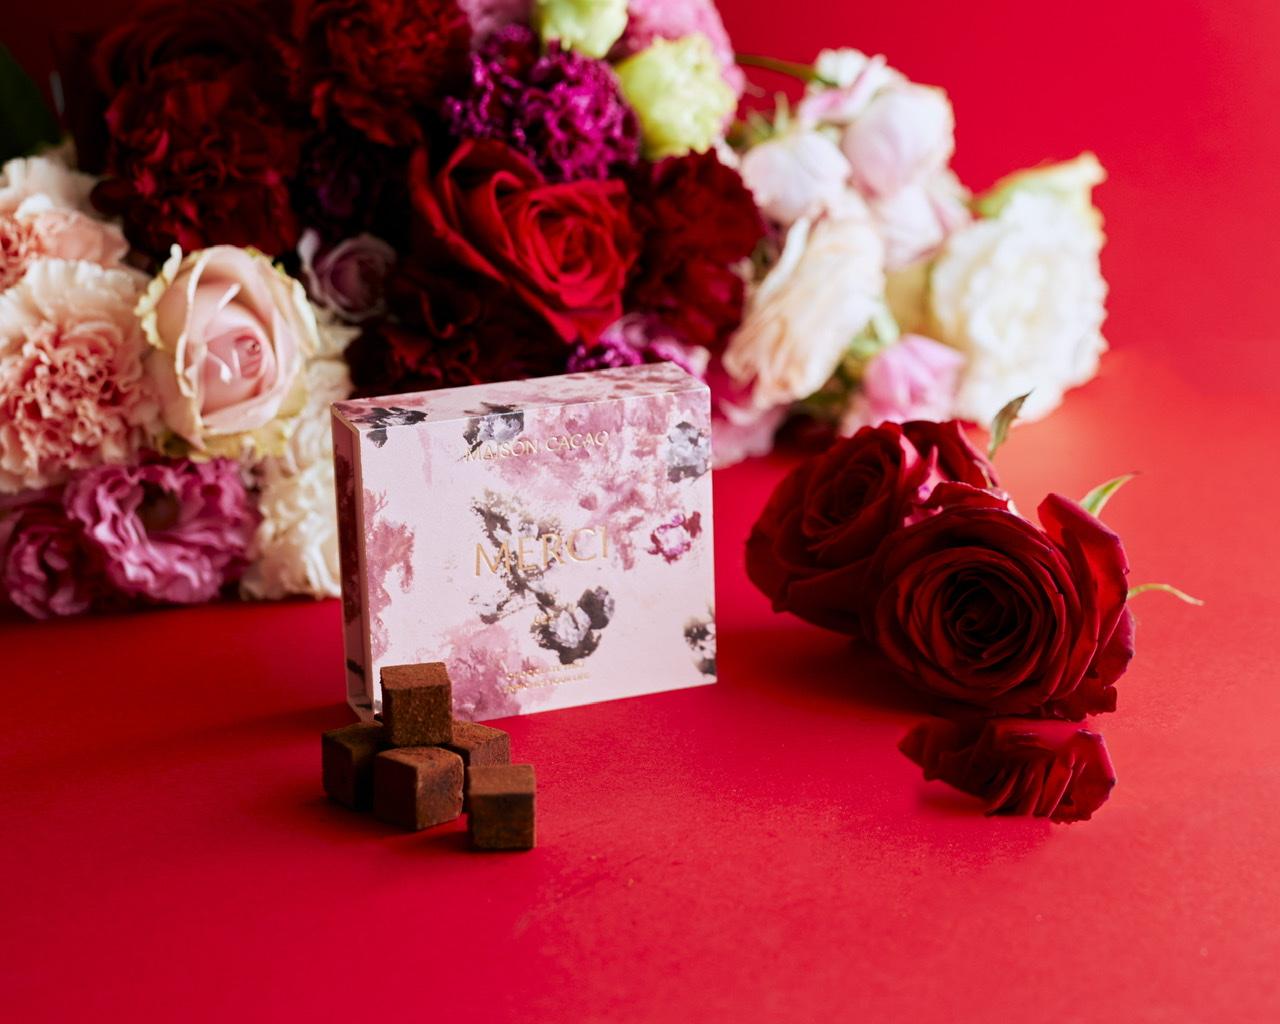 【母の日ギフトおすすめ】『MAISON CACAO』の母の日限定「アロマ生チョコレート」